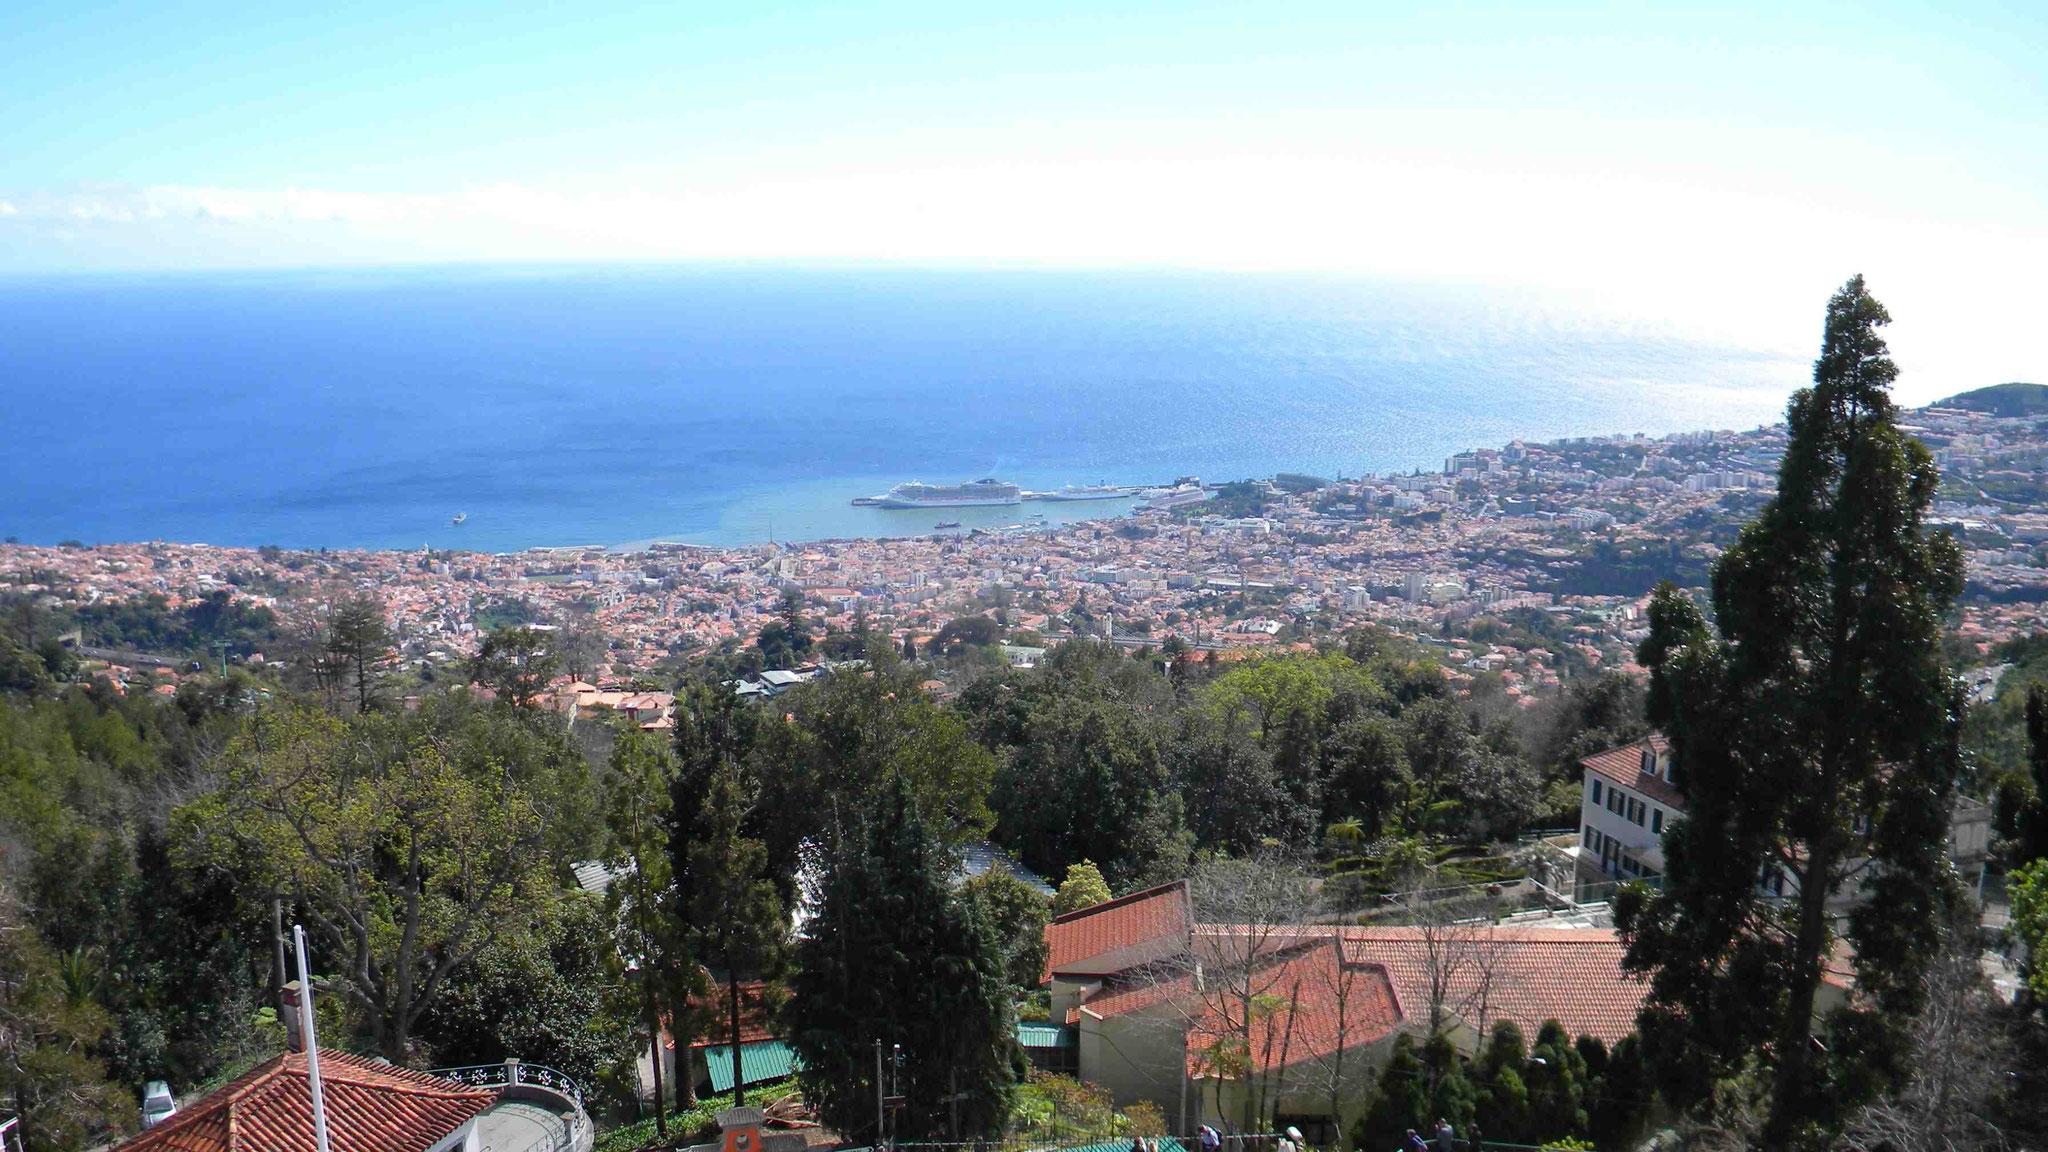 Blick vom der Dachterrasse der Wallfahrtskirche auf Funchal und den Hafen